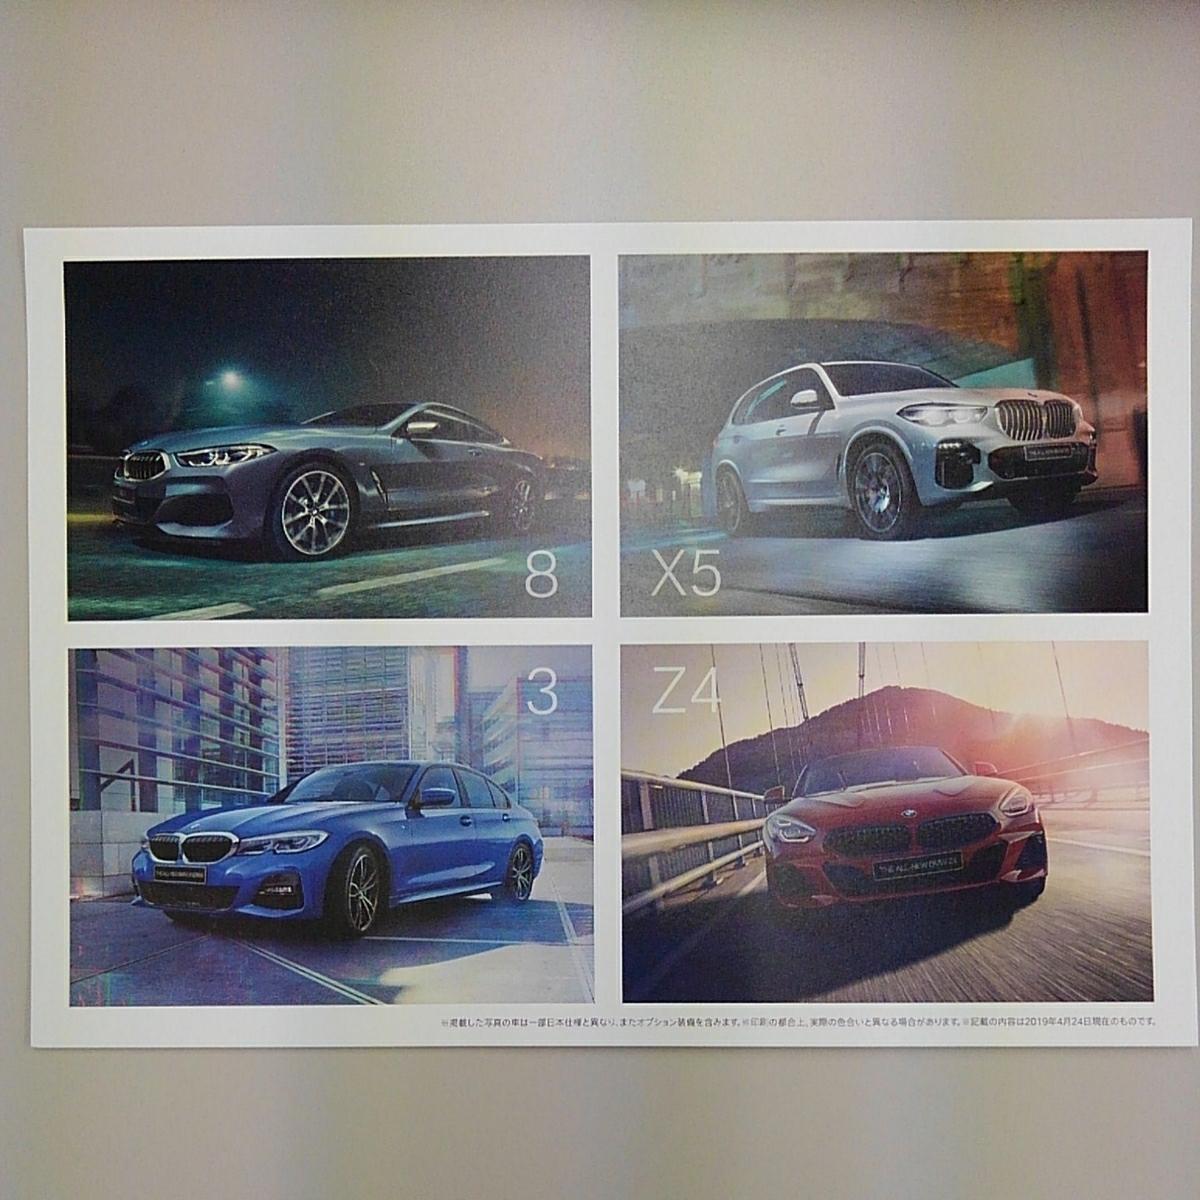 ◇BMW 写真 (8,X5,3,Z4)(THE X7) 非売品◇_画像2